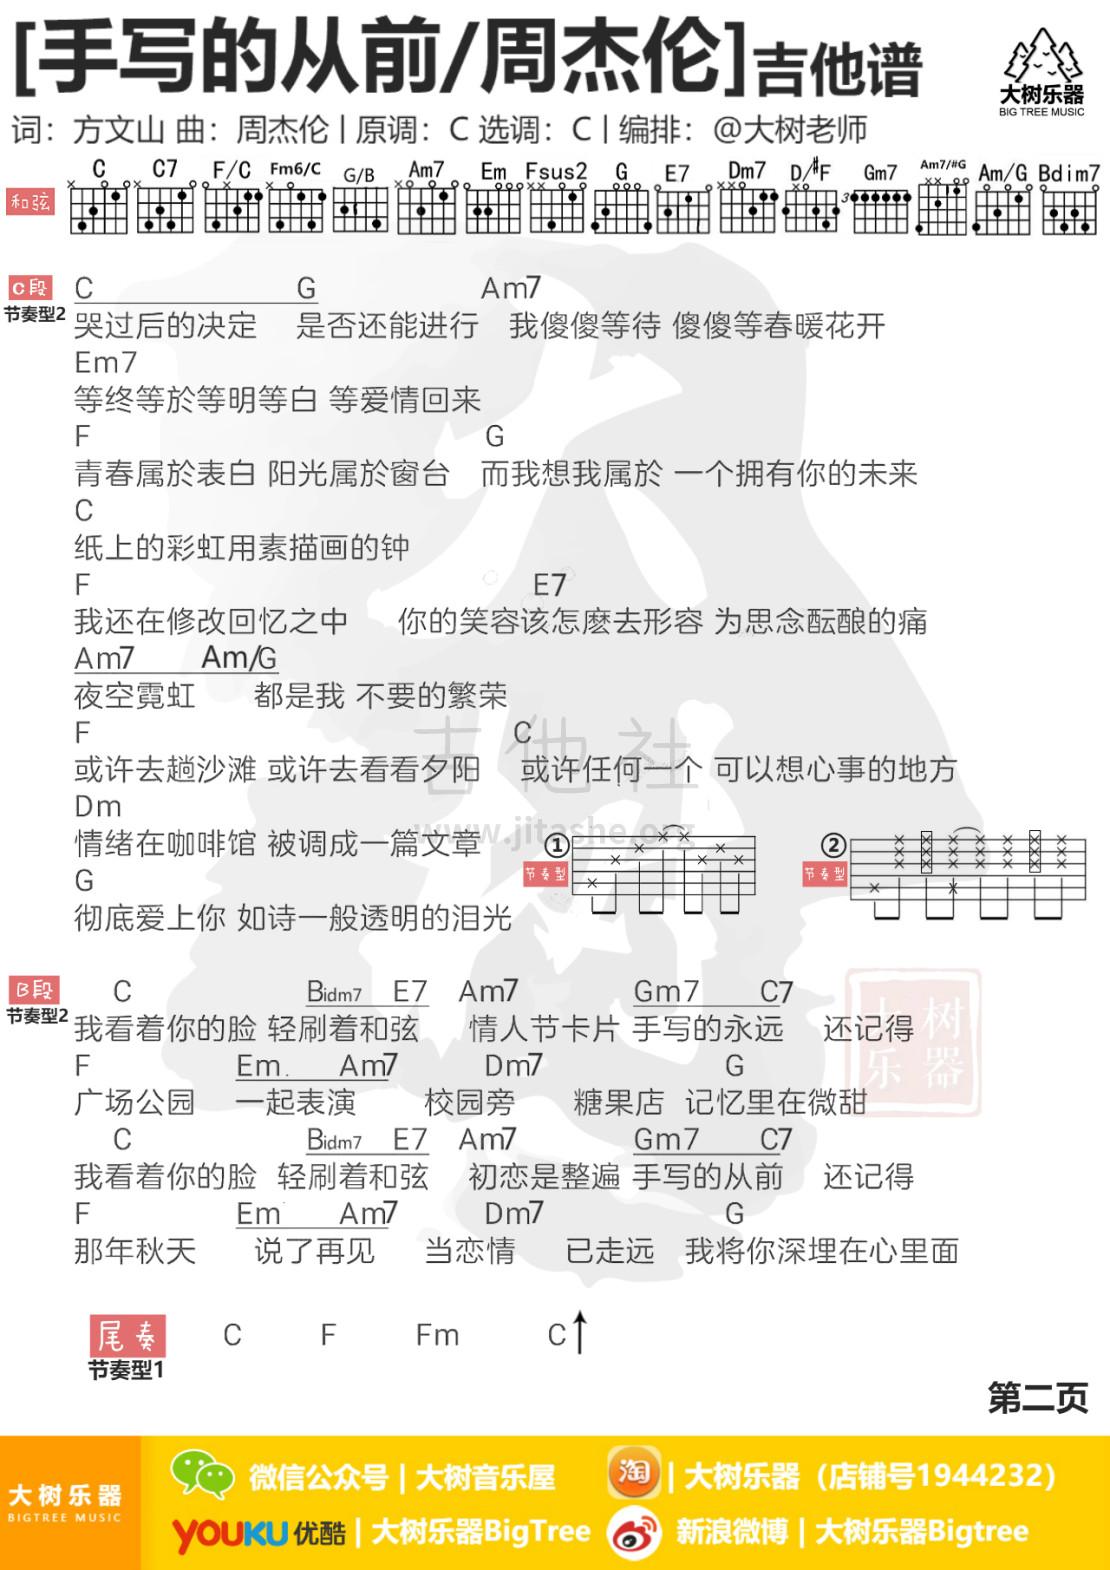 手写的从前(吉他教学-大树乐器)吉他谱(图片谱,弹唱,伴奏,大树乐器)_周杰伦(Jay Chou)_第二页.jpg